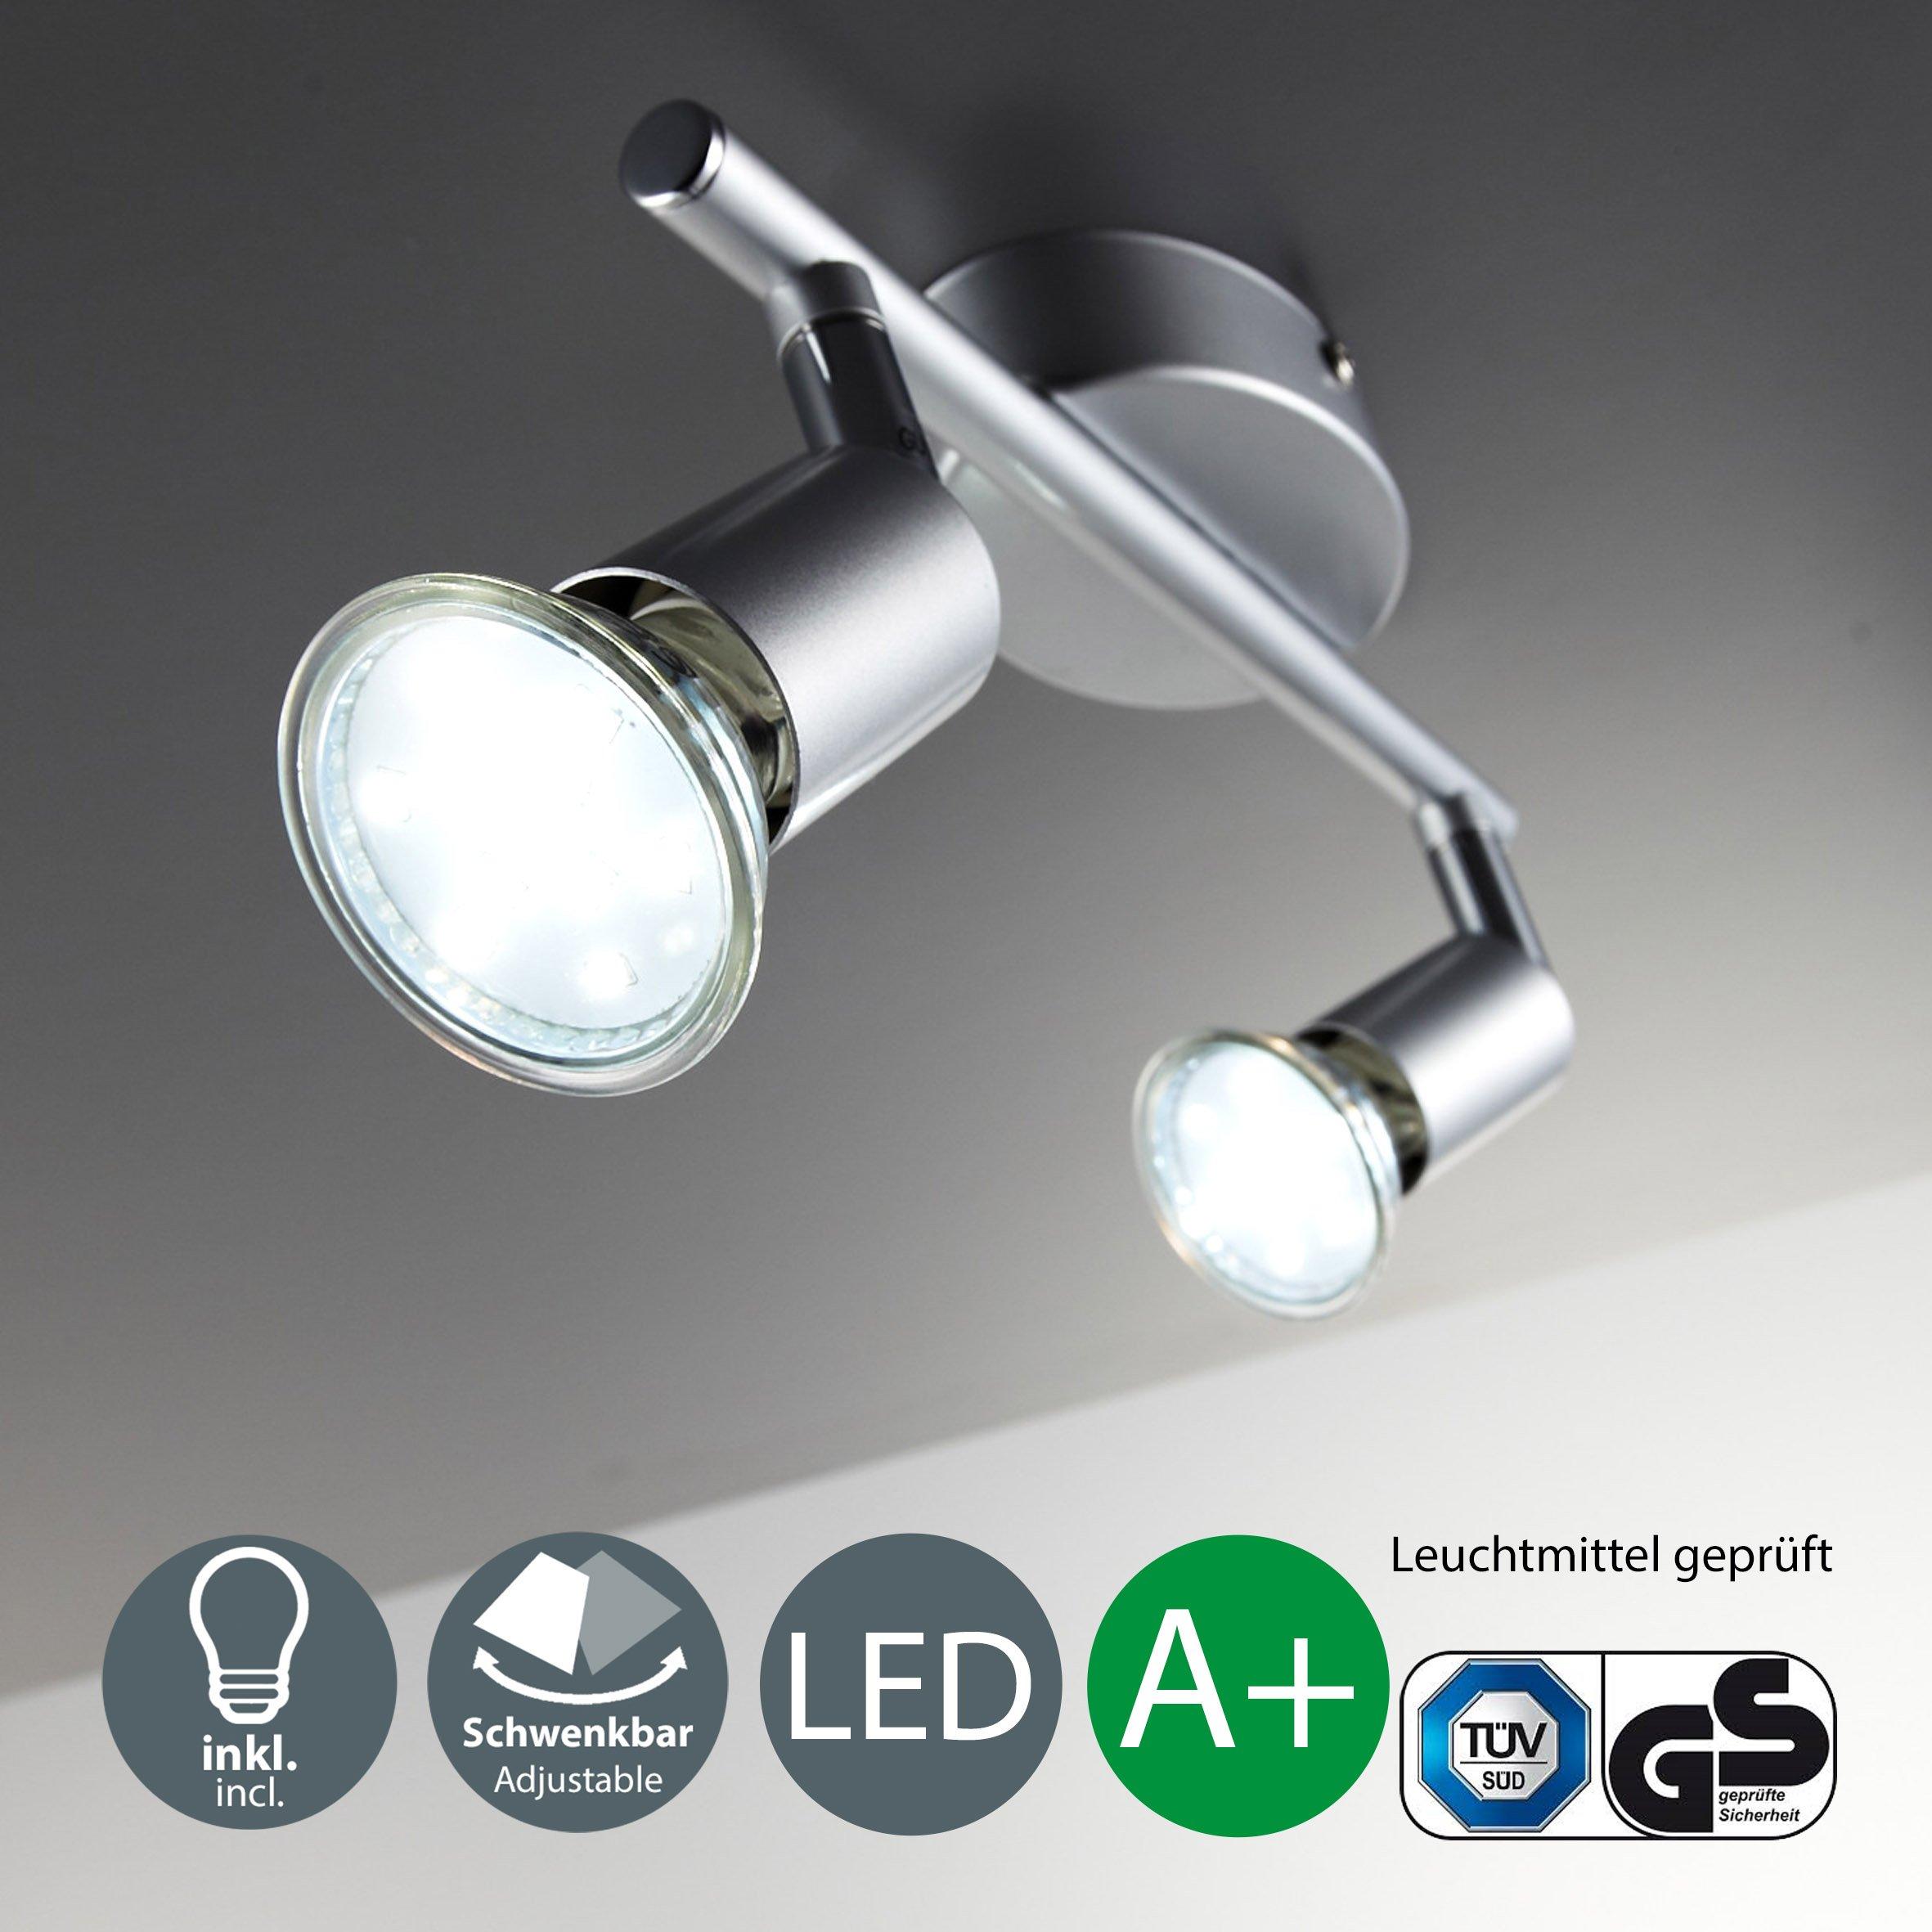 LED Deckenleuchte Schwenkbar Inkl. 2 X 3W Leuchtmittel 230V GU10 IP20 LED  Deckenlampe LED Deckenstrahler